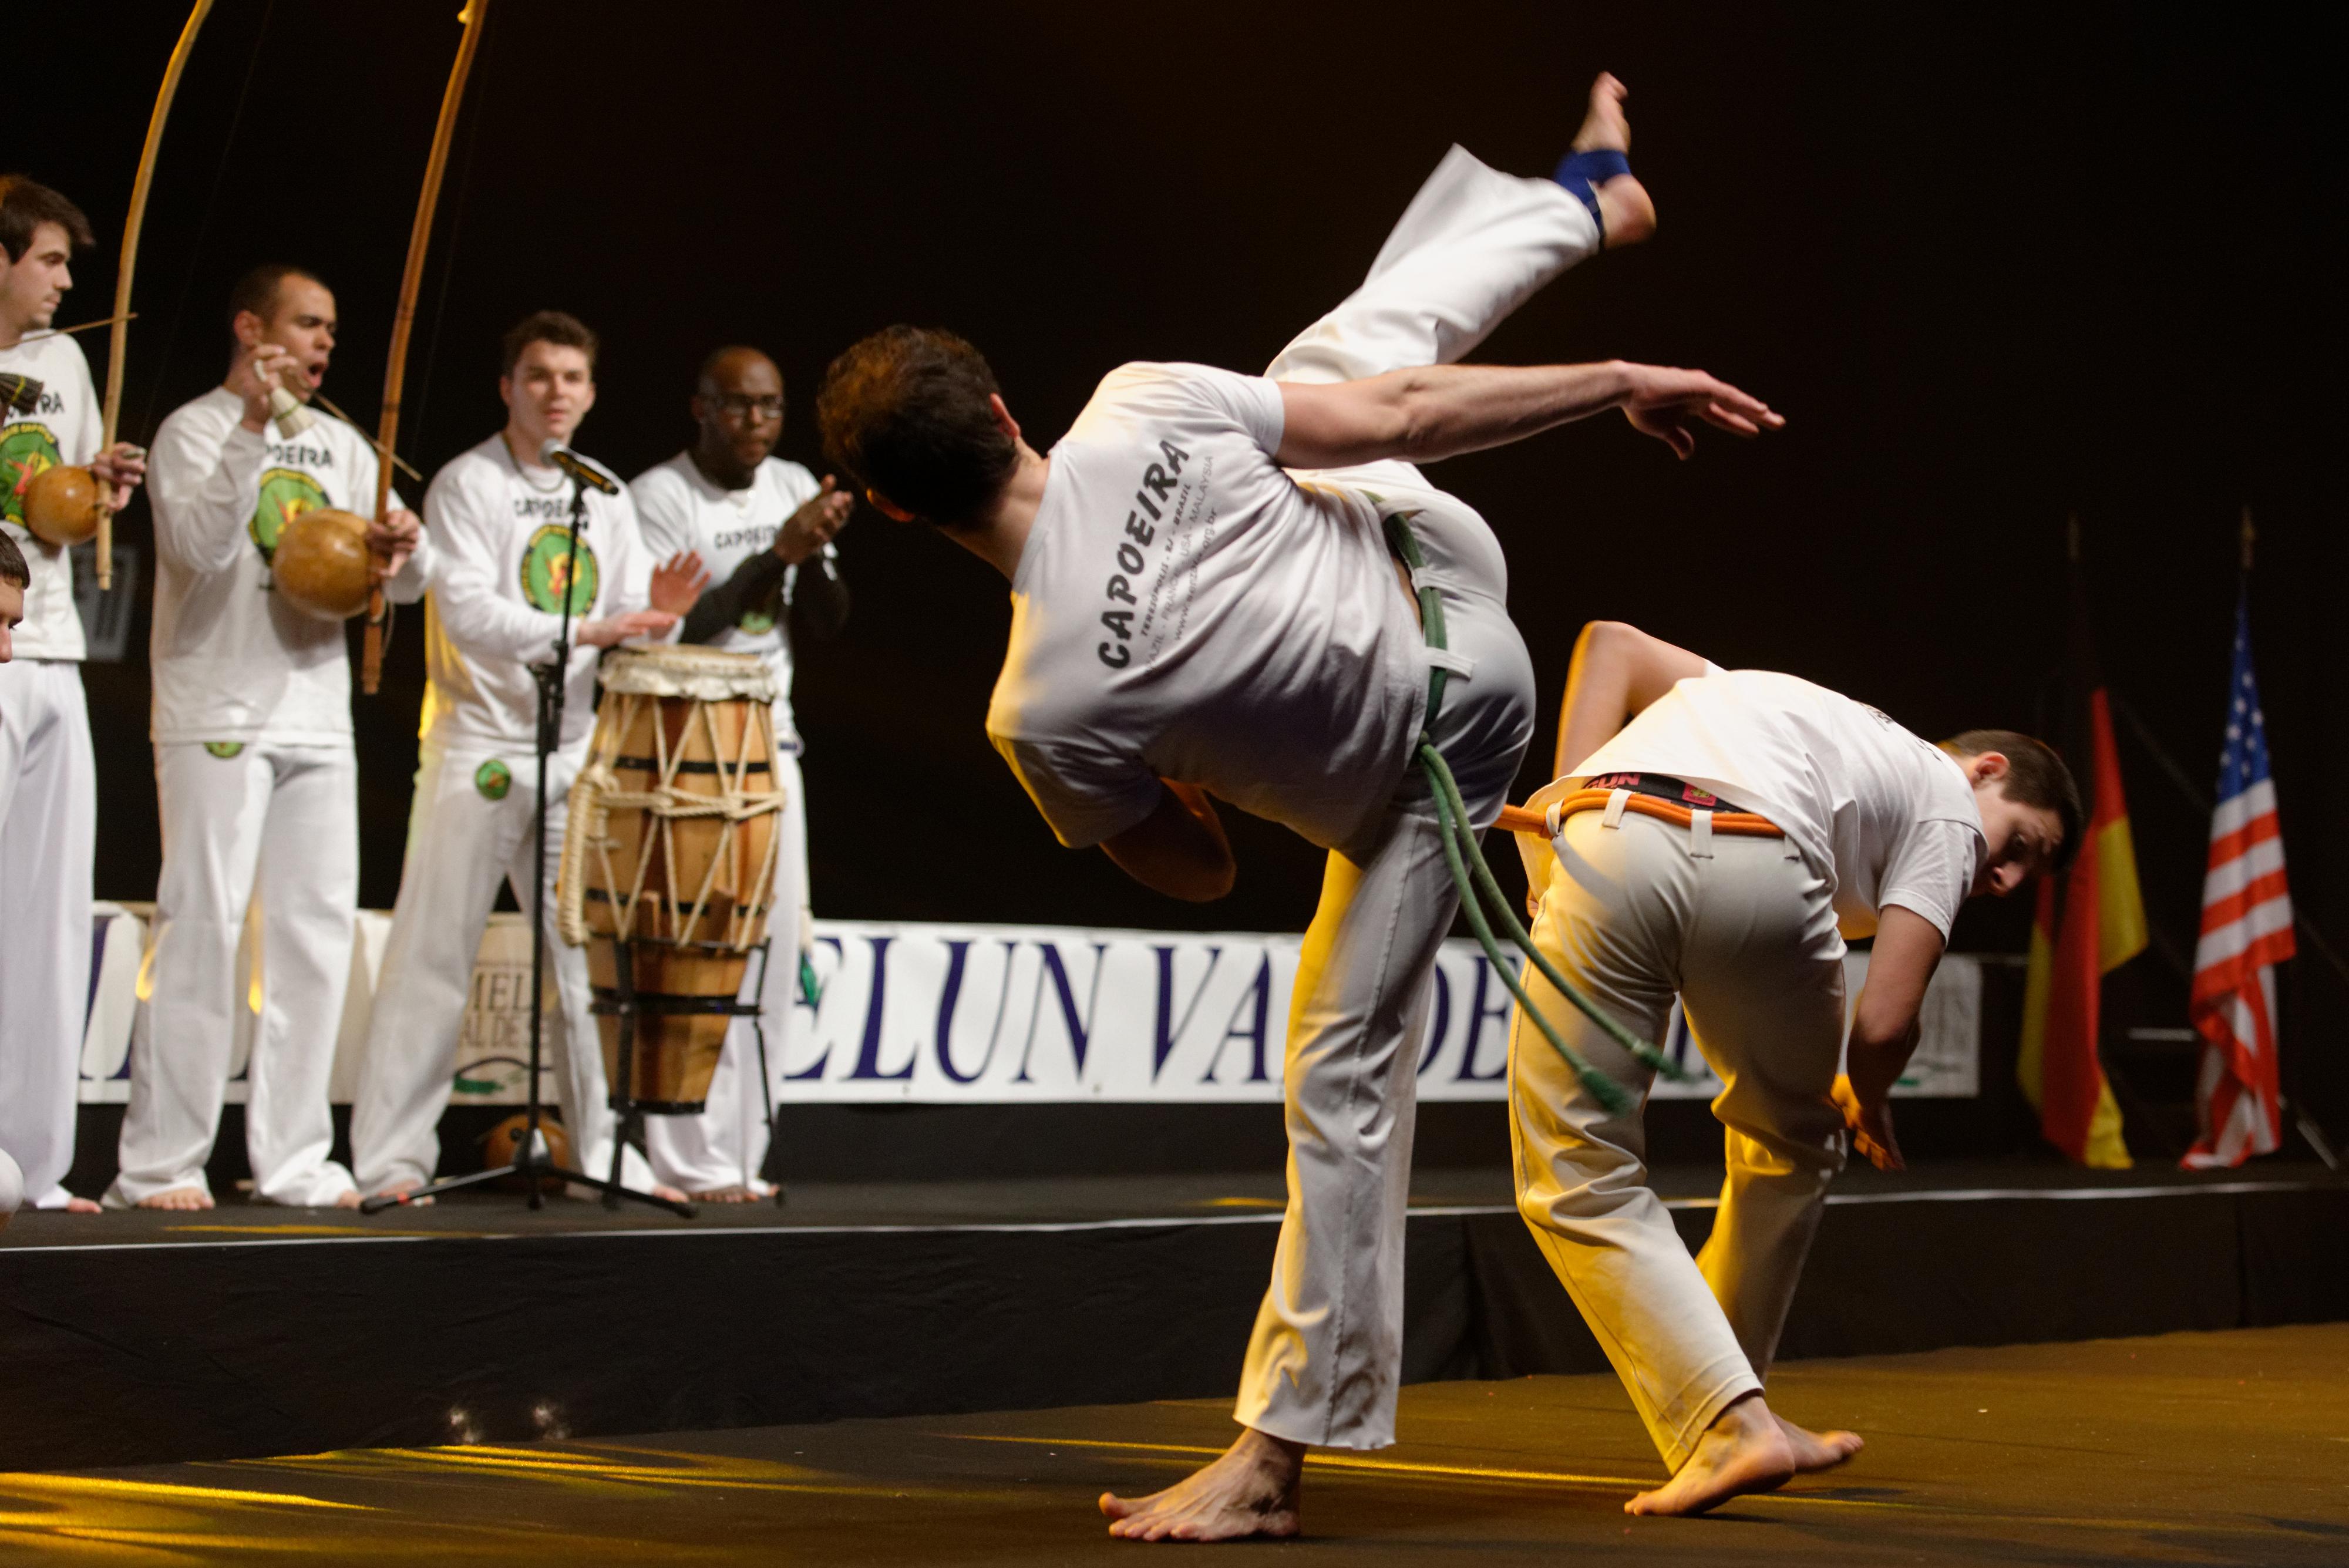 Démonstration de capoeira par le groupe Senzala d'Évry pendant le Master de fleuret 2013 à Dammarie-les-lys, France. Photo de Marie-Lan Nguyen, sous licence Creative Commons Attribution 2.5 Generic.